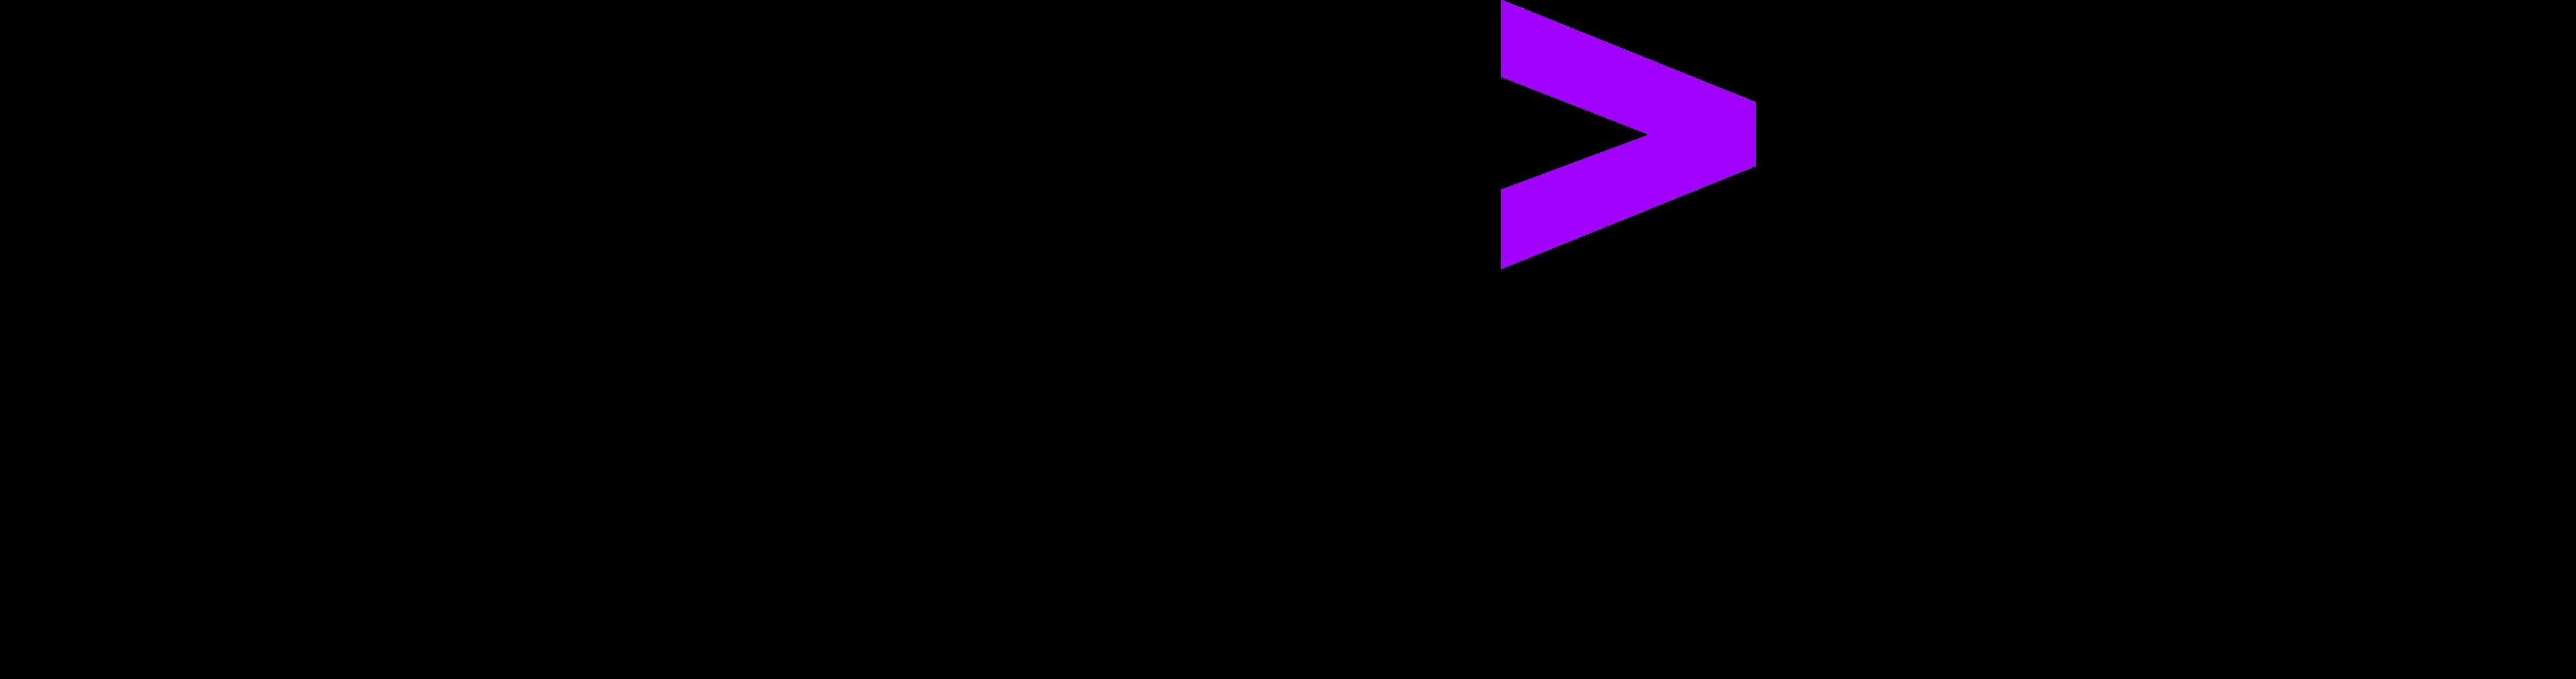 accenture logo 1 - Accenture Logo